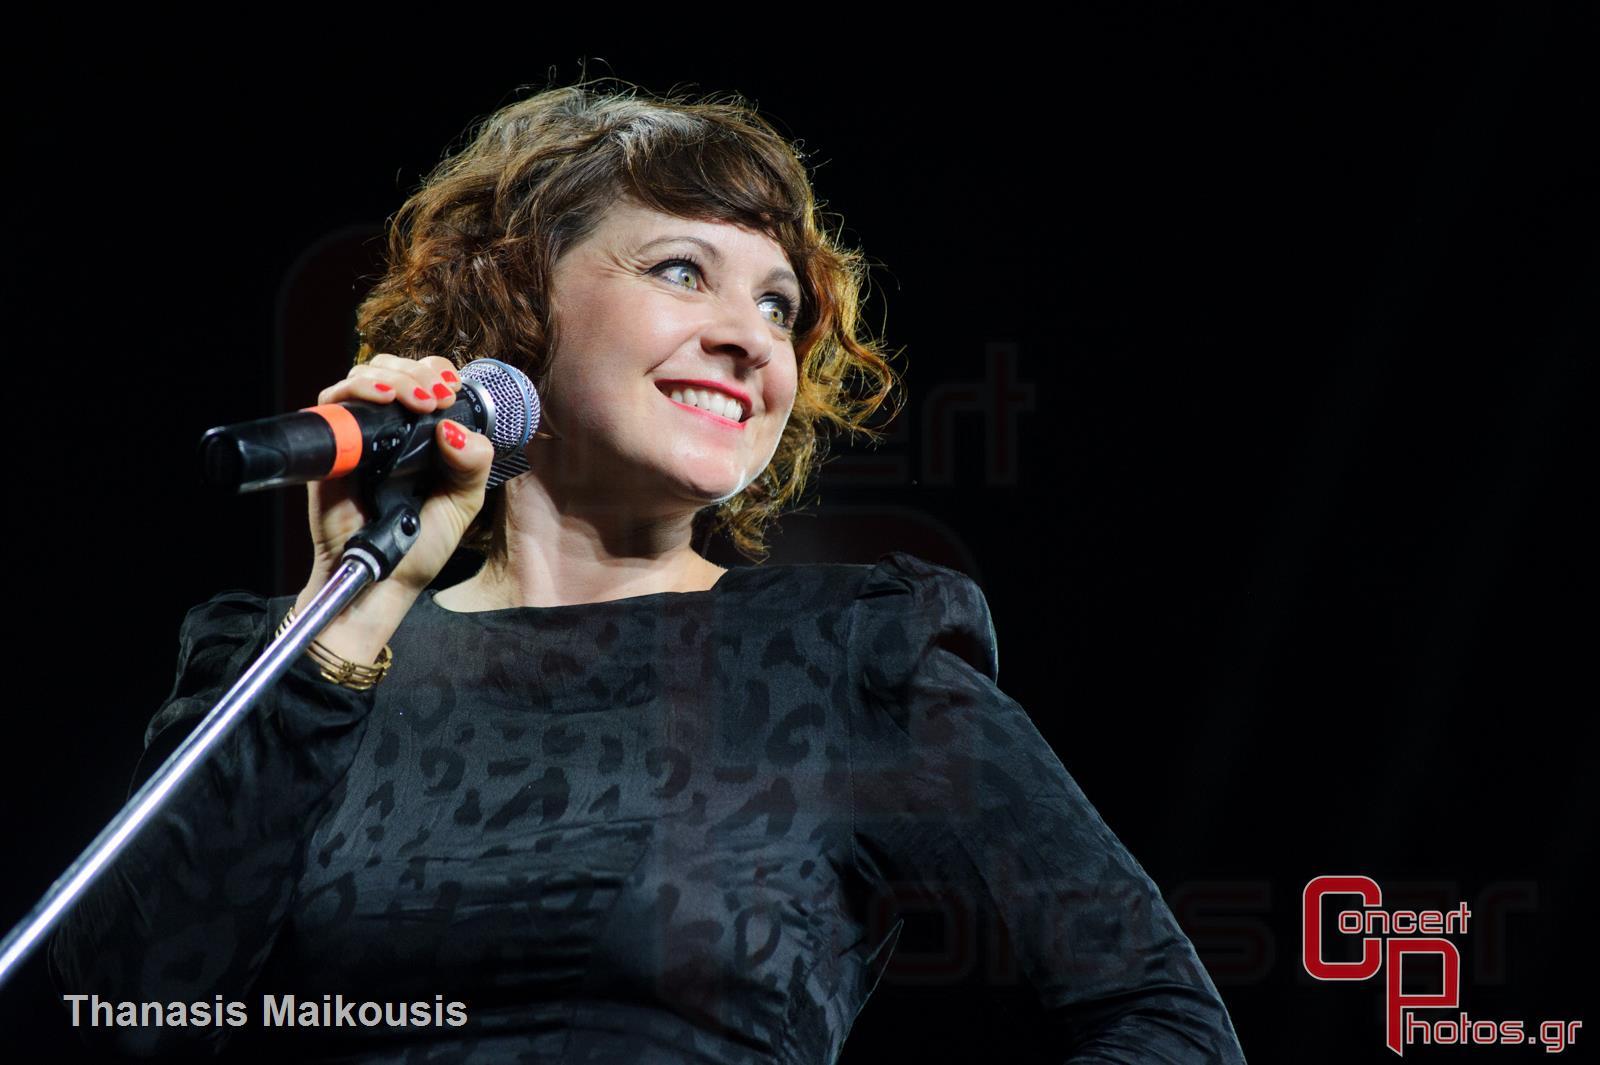 Nouvelle Vague-Nuvelle Vague photographer: Thanasis Maikousis - concertphotos_-8999